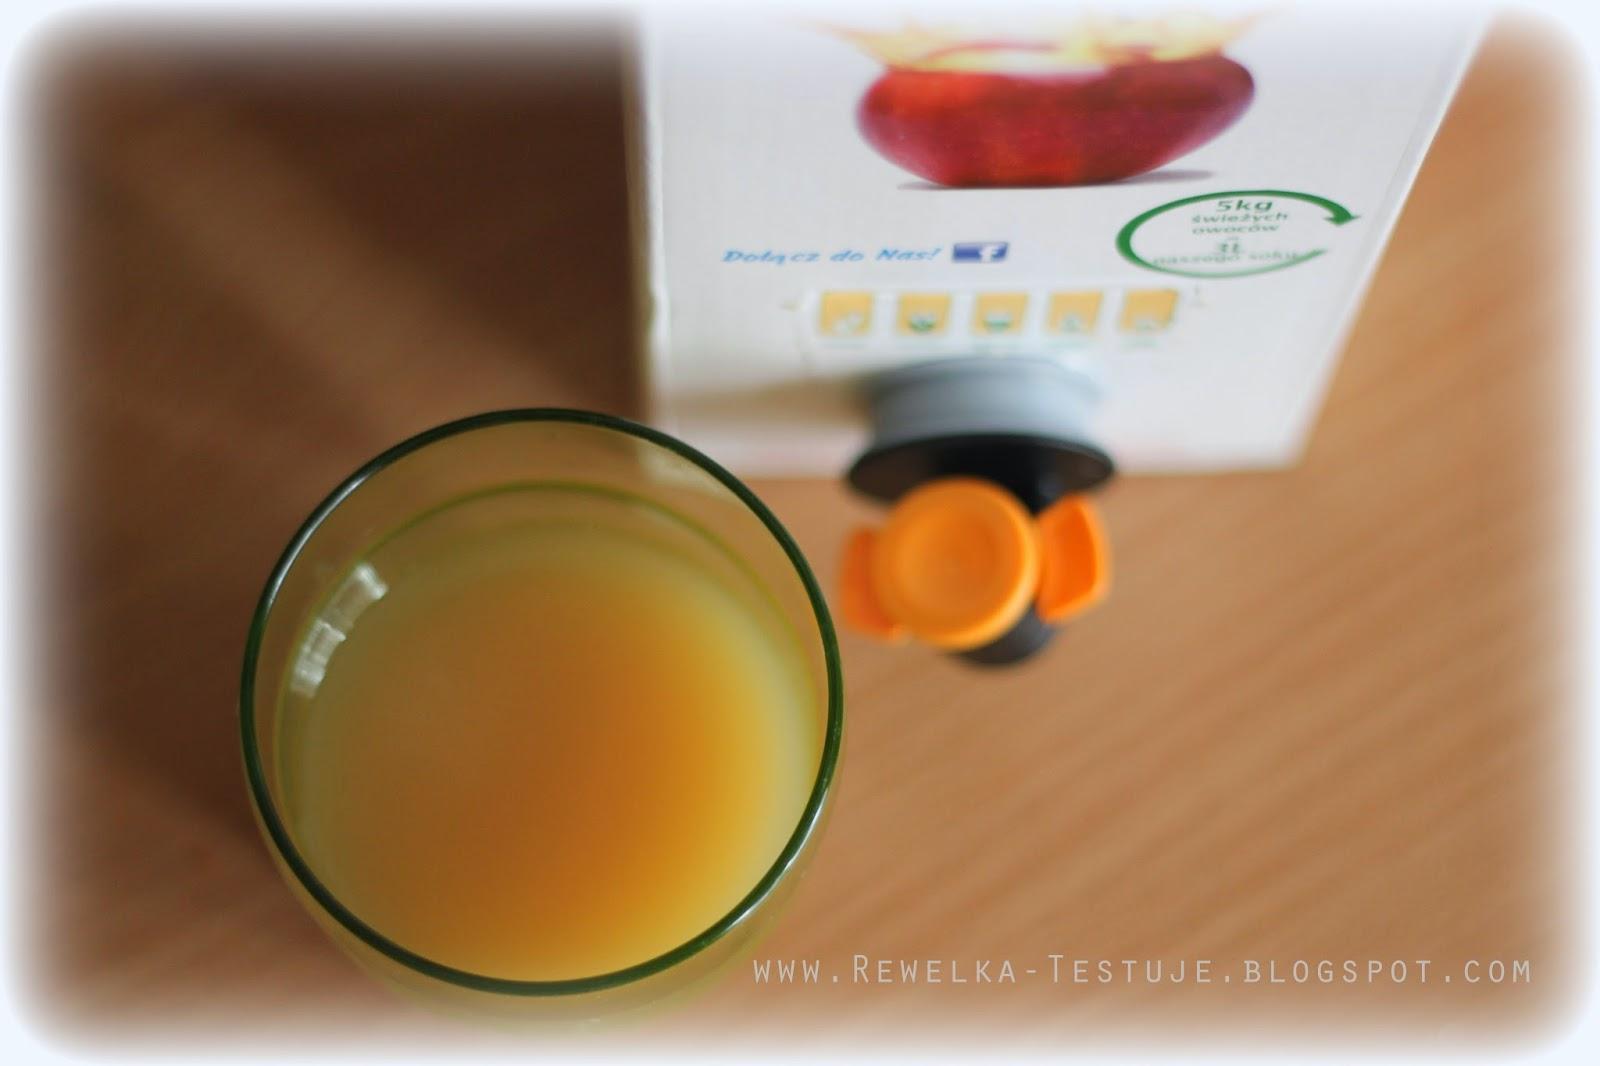 Royal aopple naturalny sok jabłkowy - recenzja od Rewelka Testuje